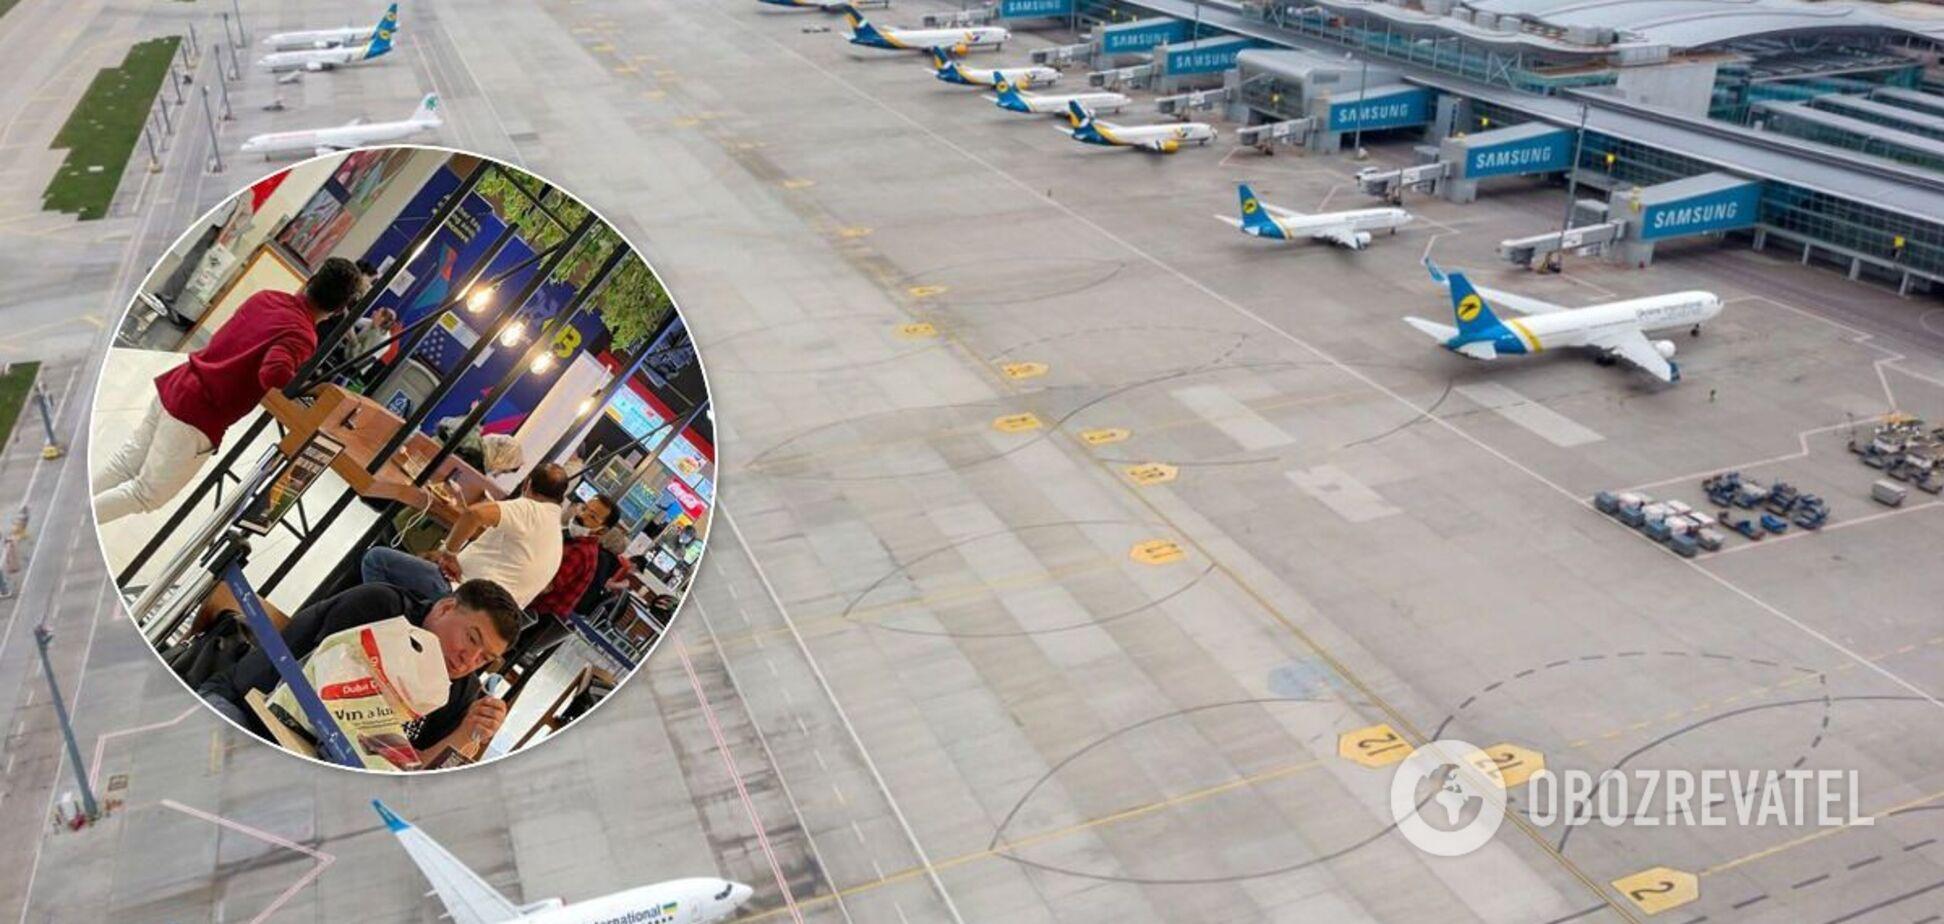 Тупицкий вернулся в Украину без 'шоу'. Фото из аэропорта